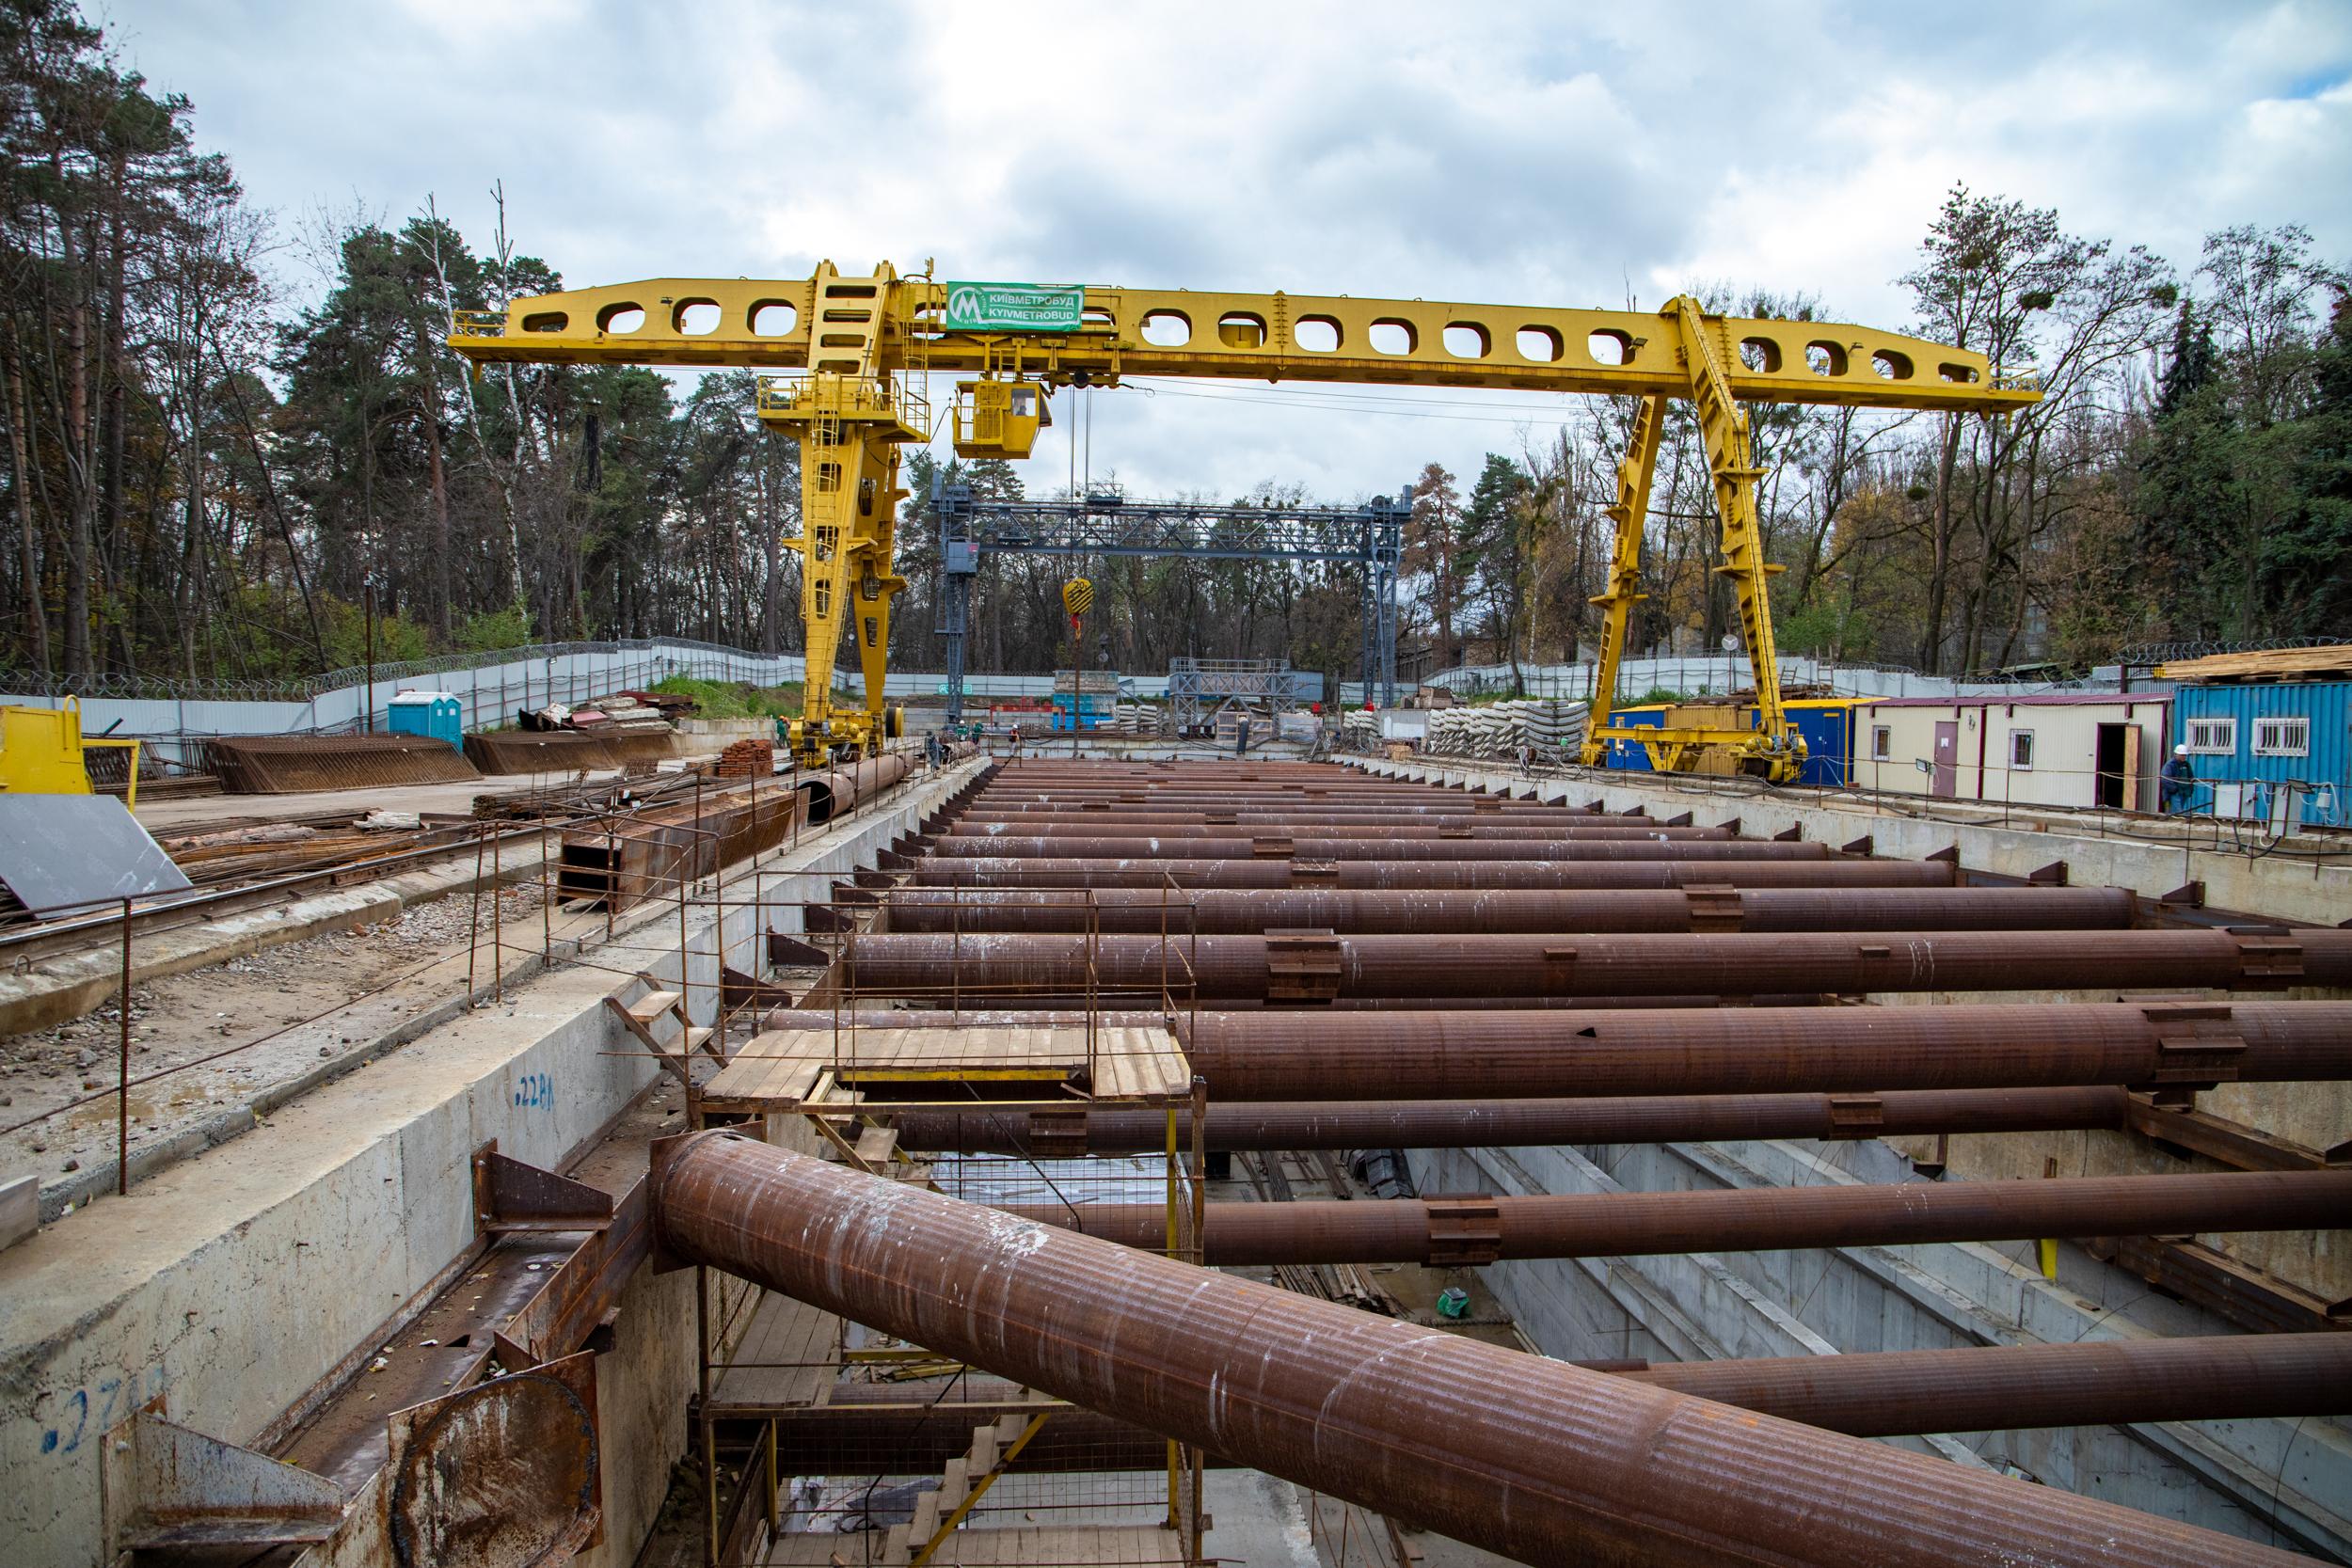 Кличко инспектировал строительство метро на Виноградарь: пока все по плану – фото, видео